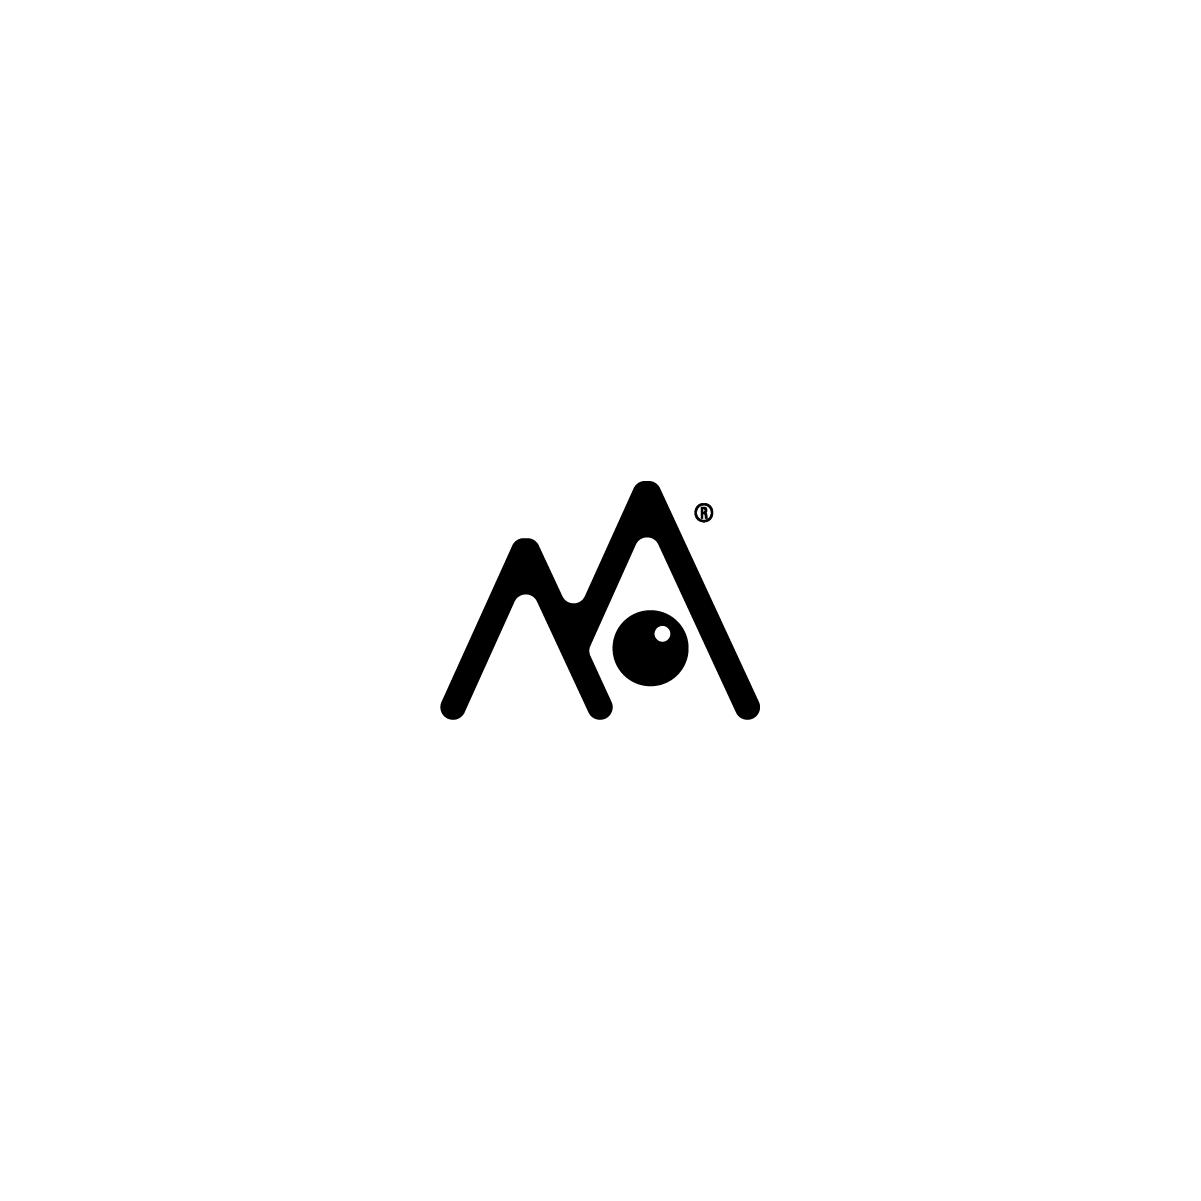 Cassandra cappello graphic design toronto - Explore Logo Design Graphics And More